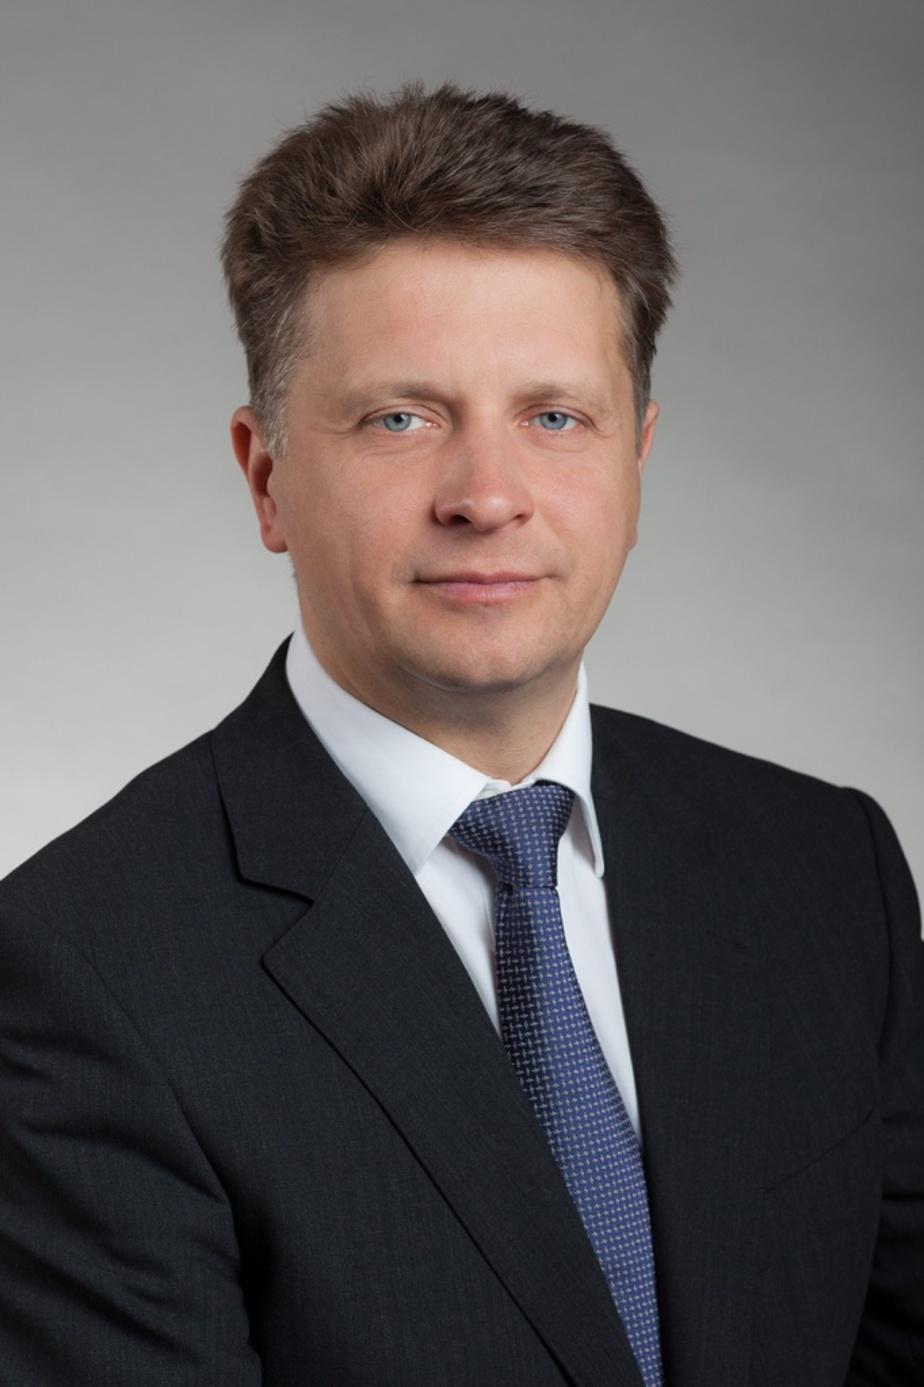 Министр транспорта РФ проведет в Калининграде совещание по подготовке к ЧМ-2018 - Новости Калининграда